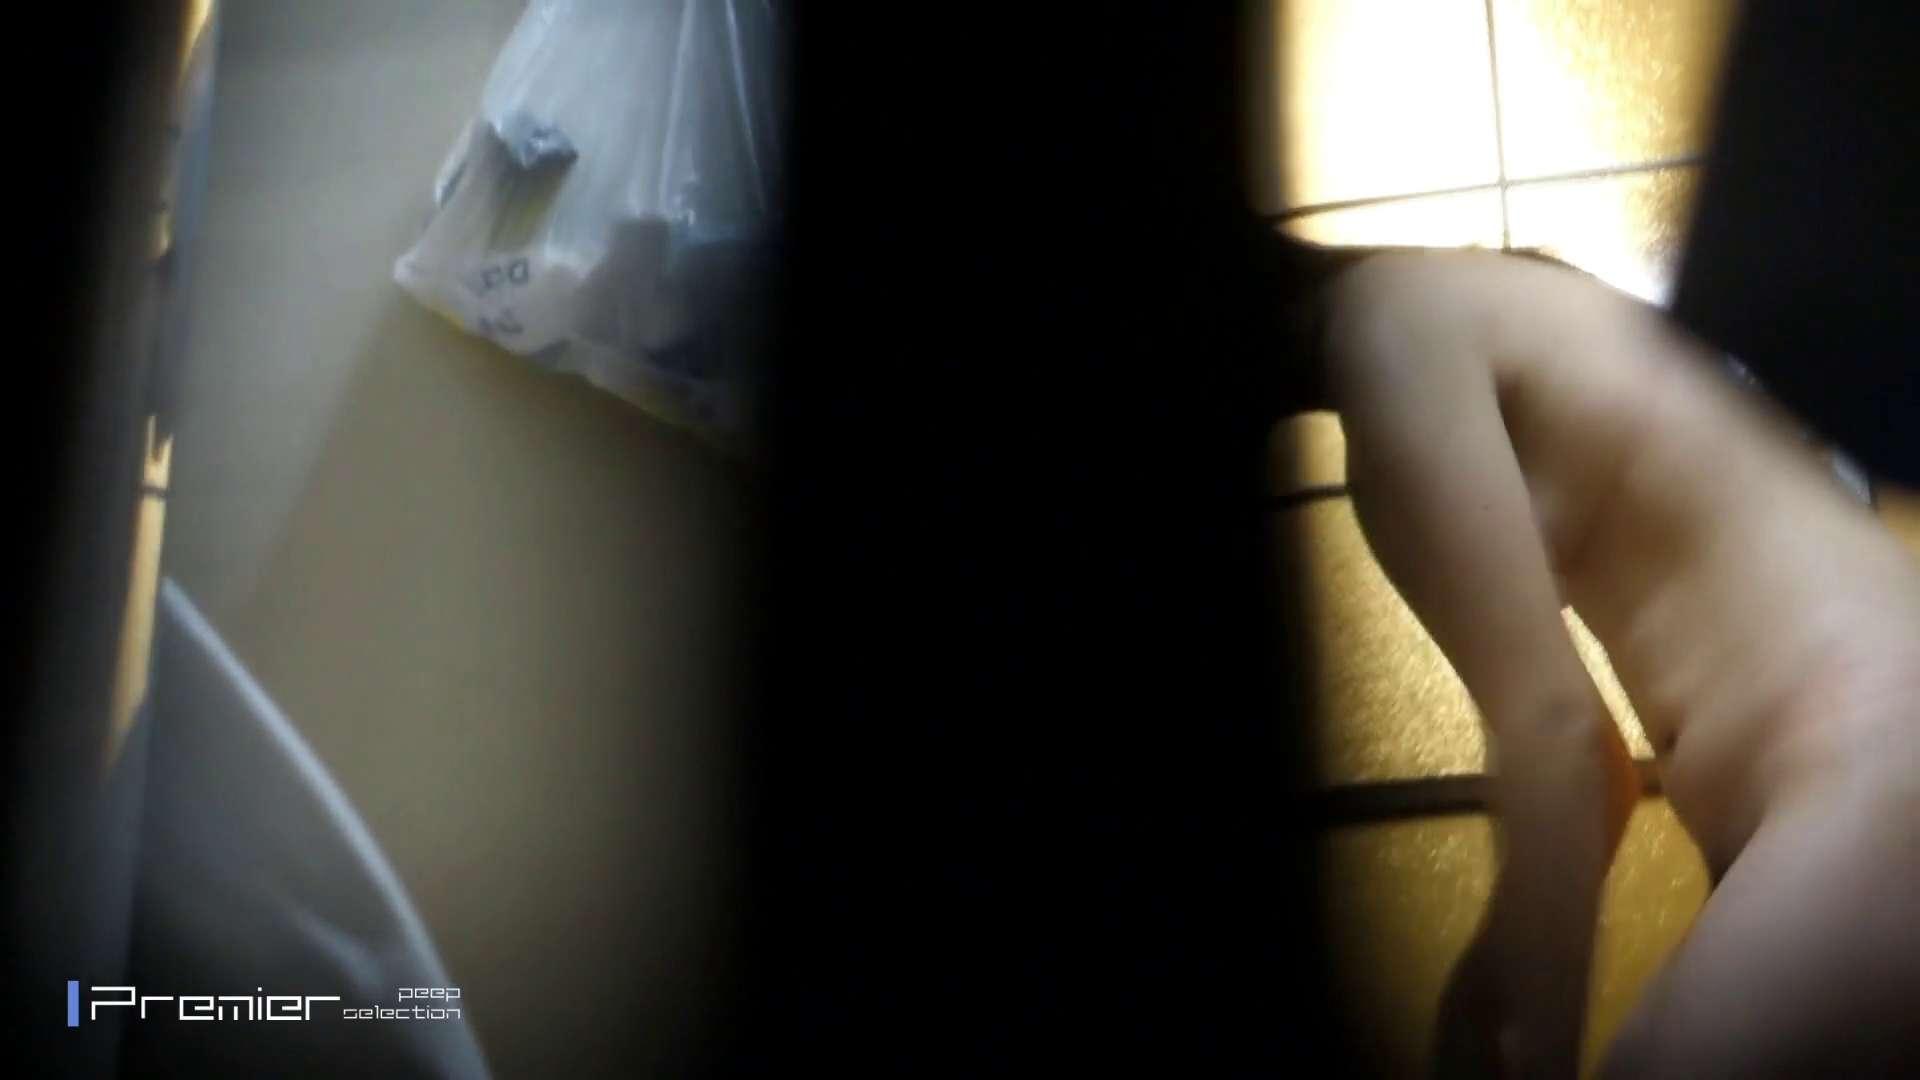 美しい女性のおっぱい隠し撮り 美女達の私生活に潜入! 高画質  110pic 103